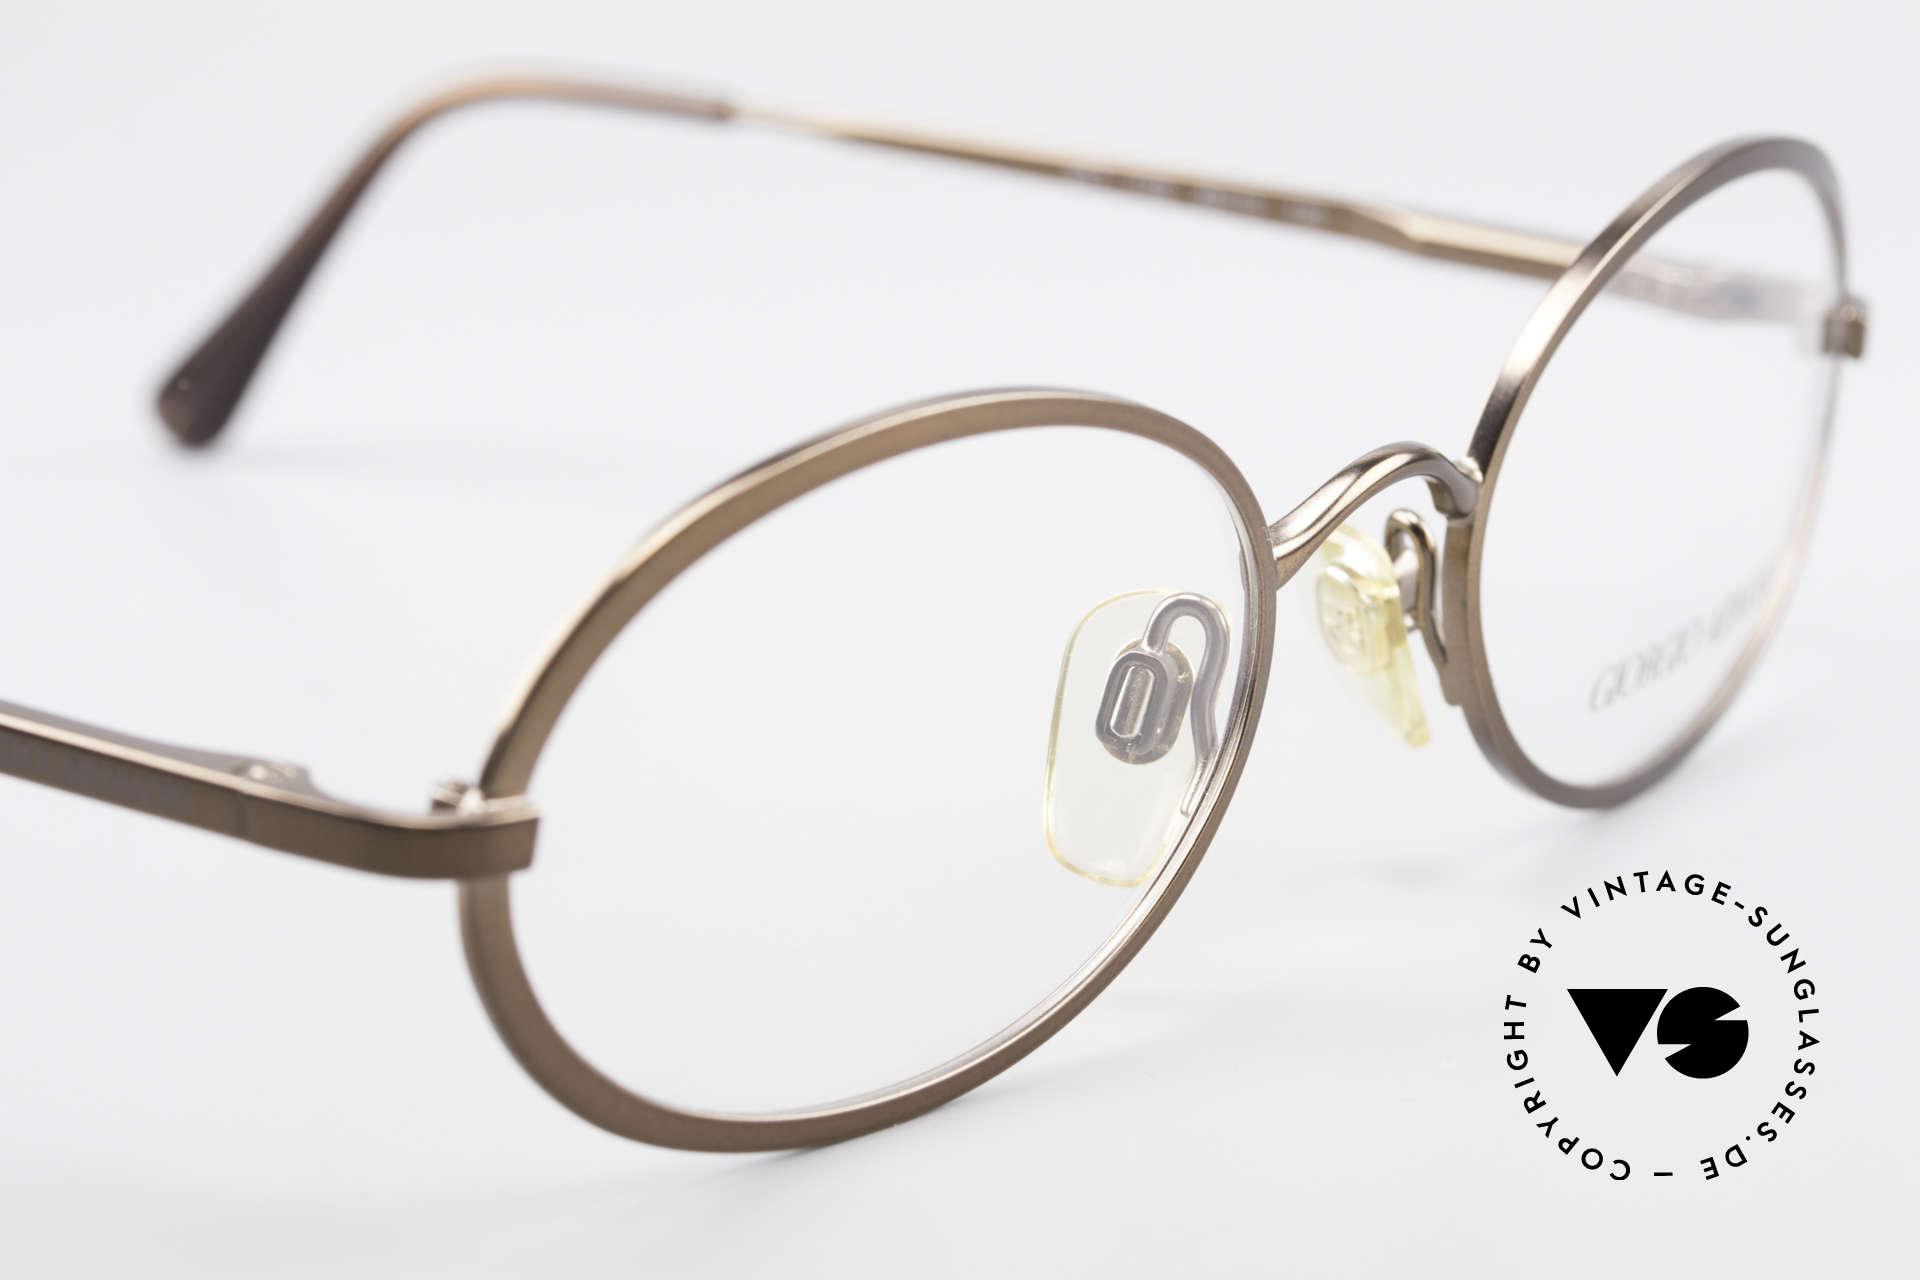 Giorgio Armani 277 90er Vintage Fassung Oval, keine aktuelle Kollektion, sondern alte Originalware!, Passend für Herren und Damen